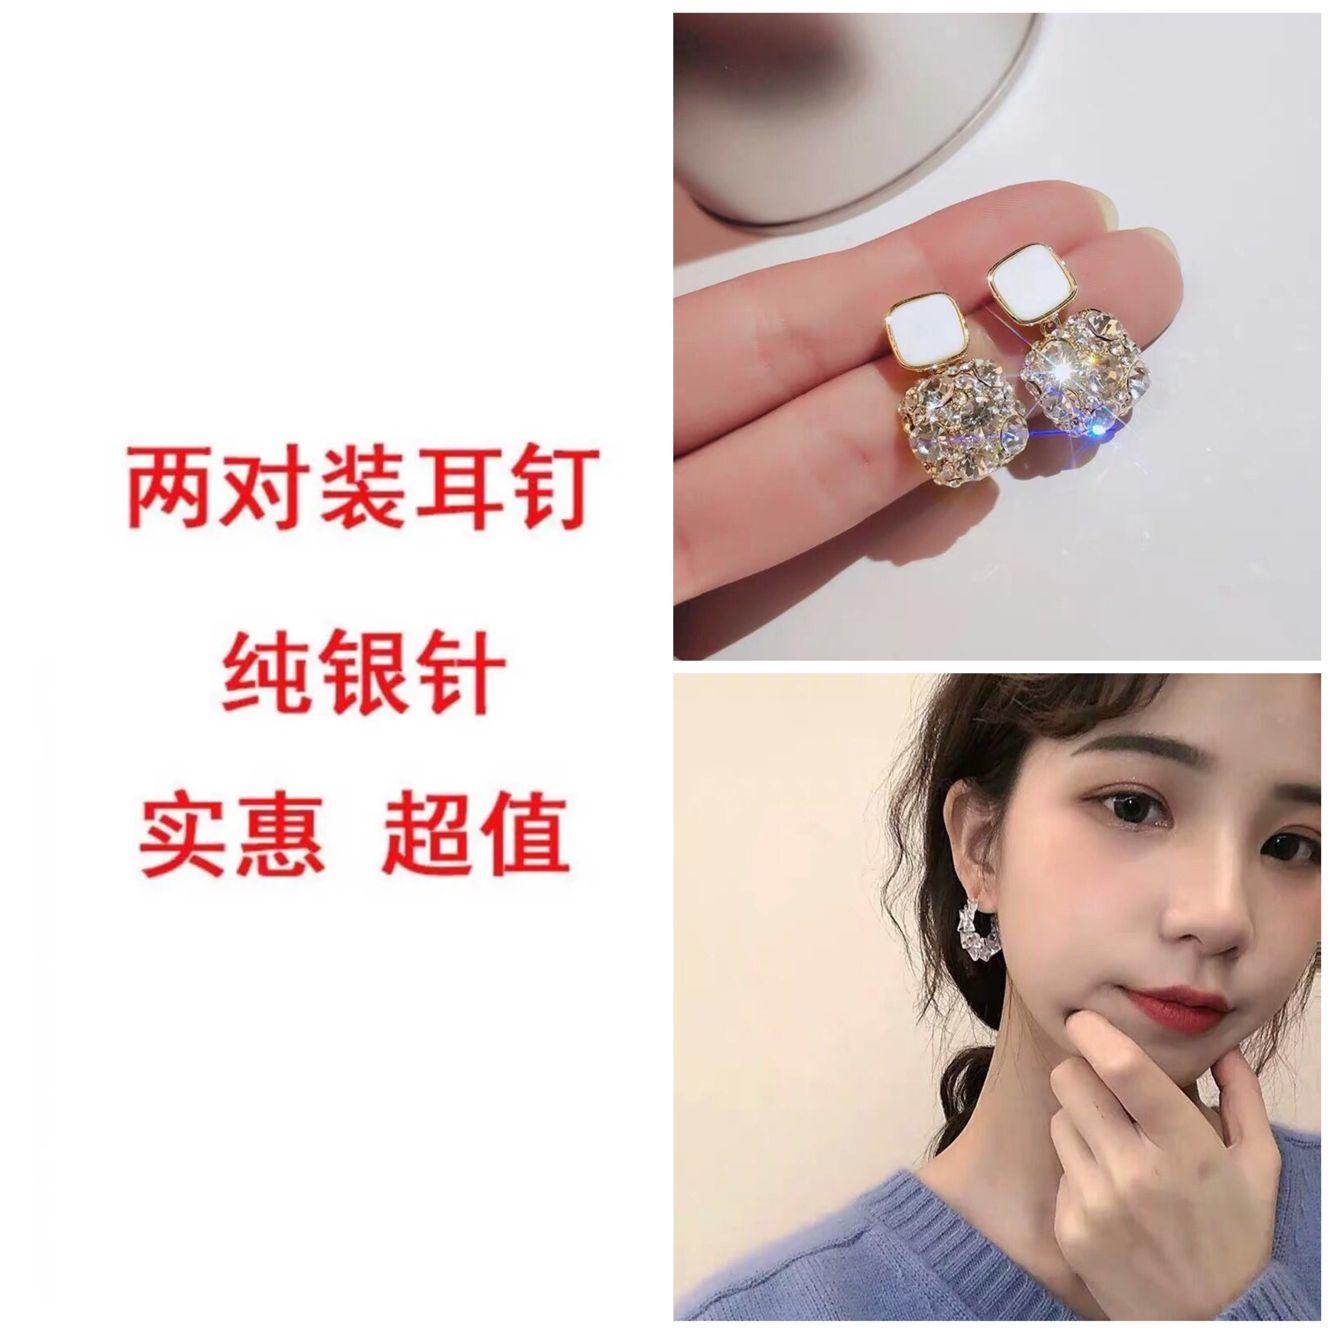 8 Super Crystal White Diamond Earrings